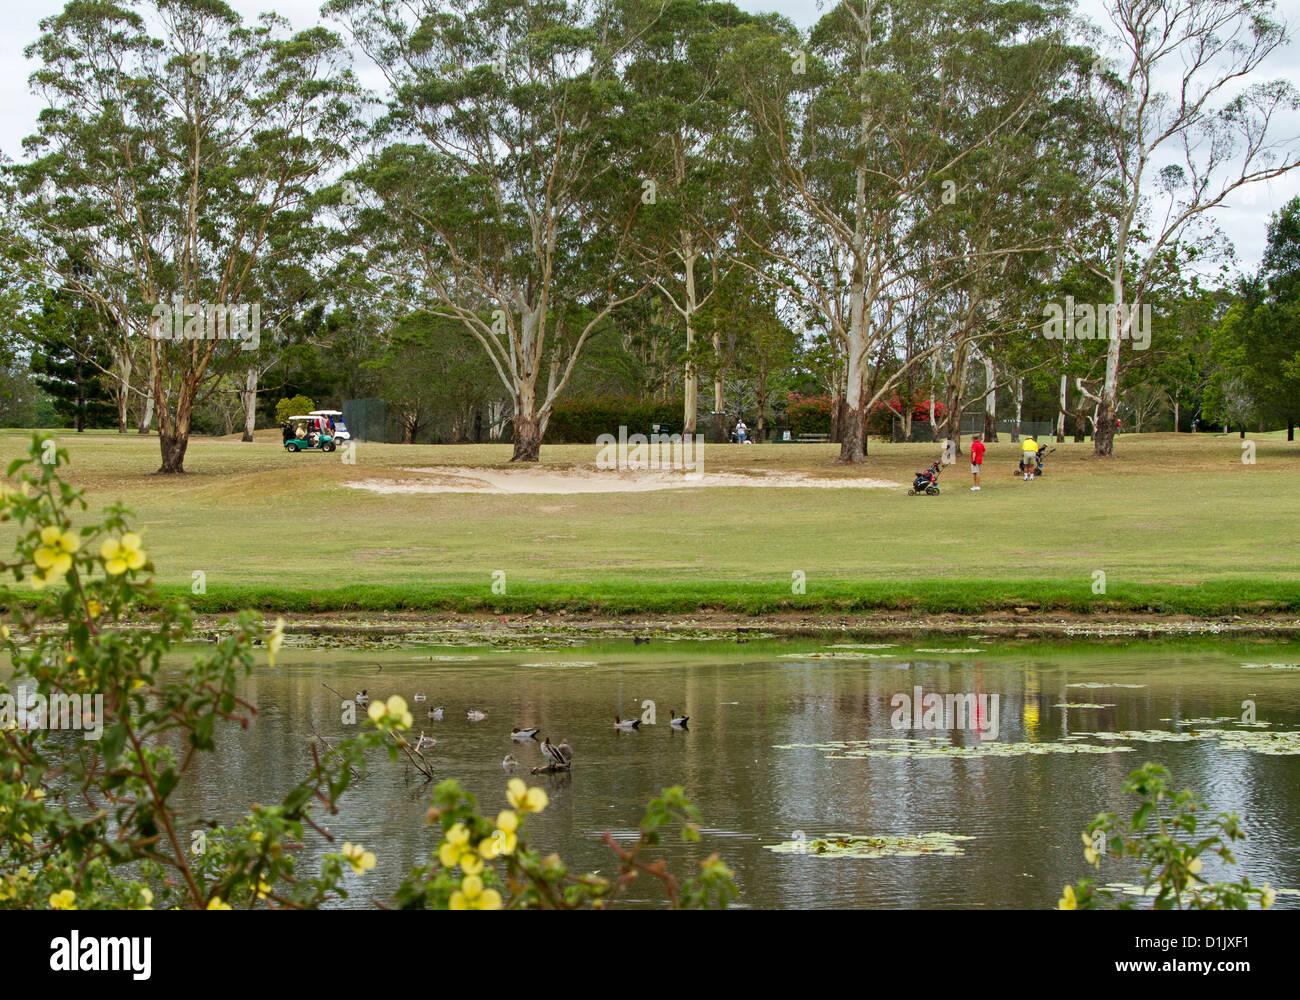 Grupo de hombres jugando al golf en el pintoresco campo de golf al lado del lago en Maryborough Australia Imagen De Stock